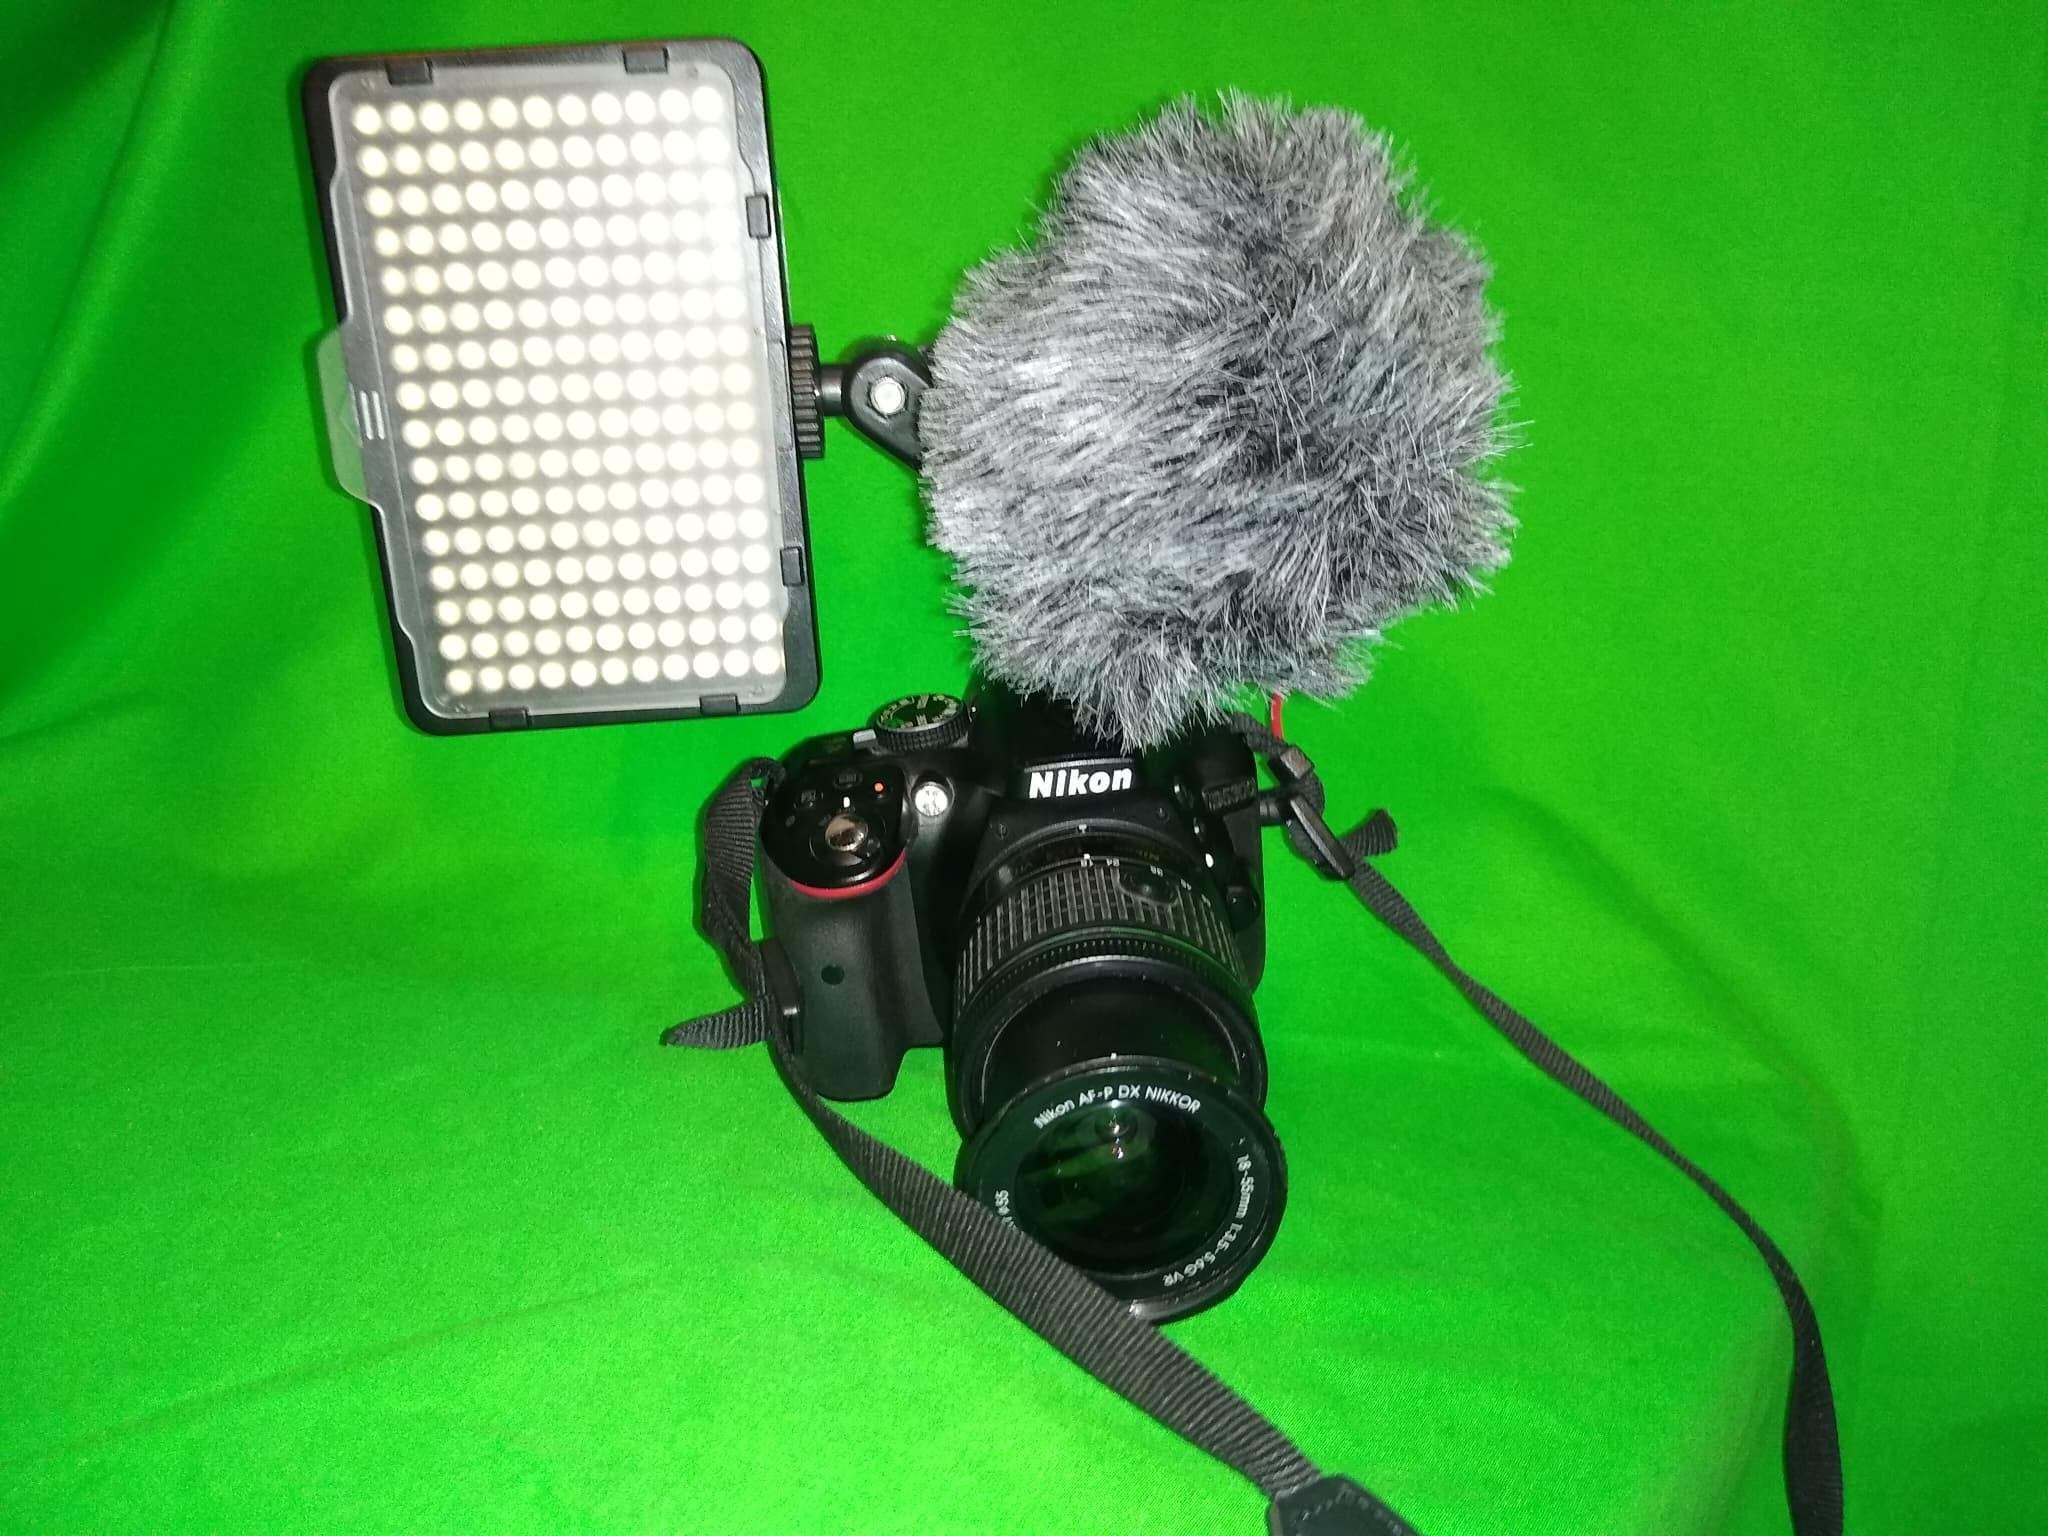 93519509_2585331675083718_2649112566629924864_n.jpg Télécharger fichier STL gratuit Adaptateur de rallonge double Hotshoe, idéal pour les micros Rode et les appareils photo DSLR Lumière pour la vidéo Nikon, Canon etc. • Plan à imprimer en 3D, Mrdwgraf